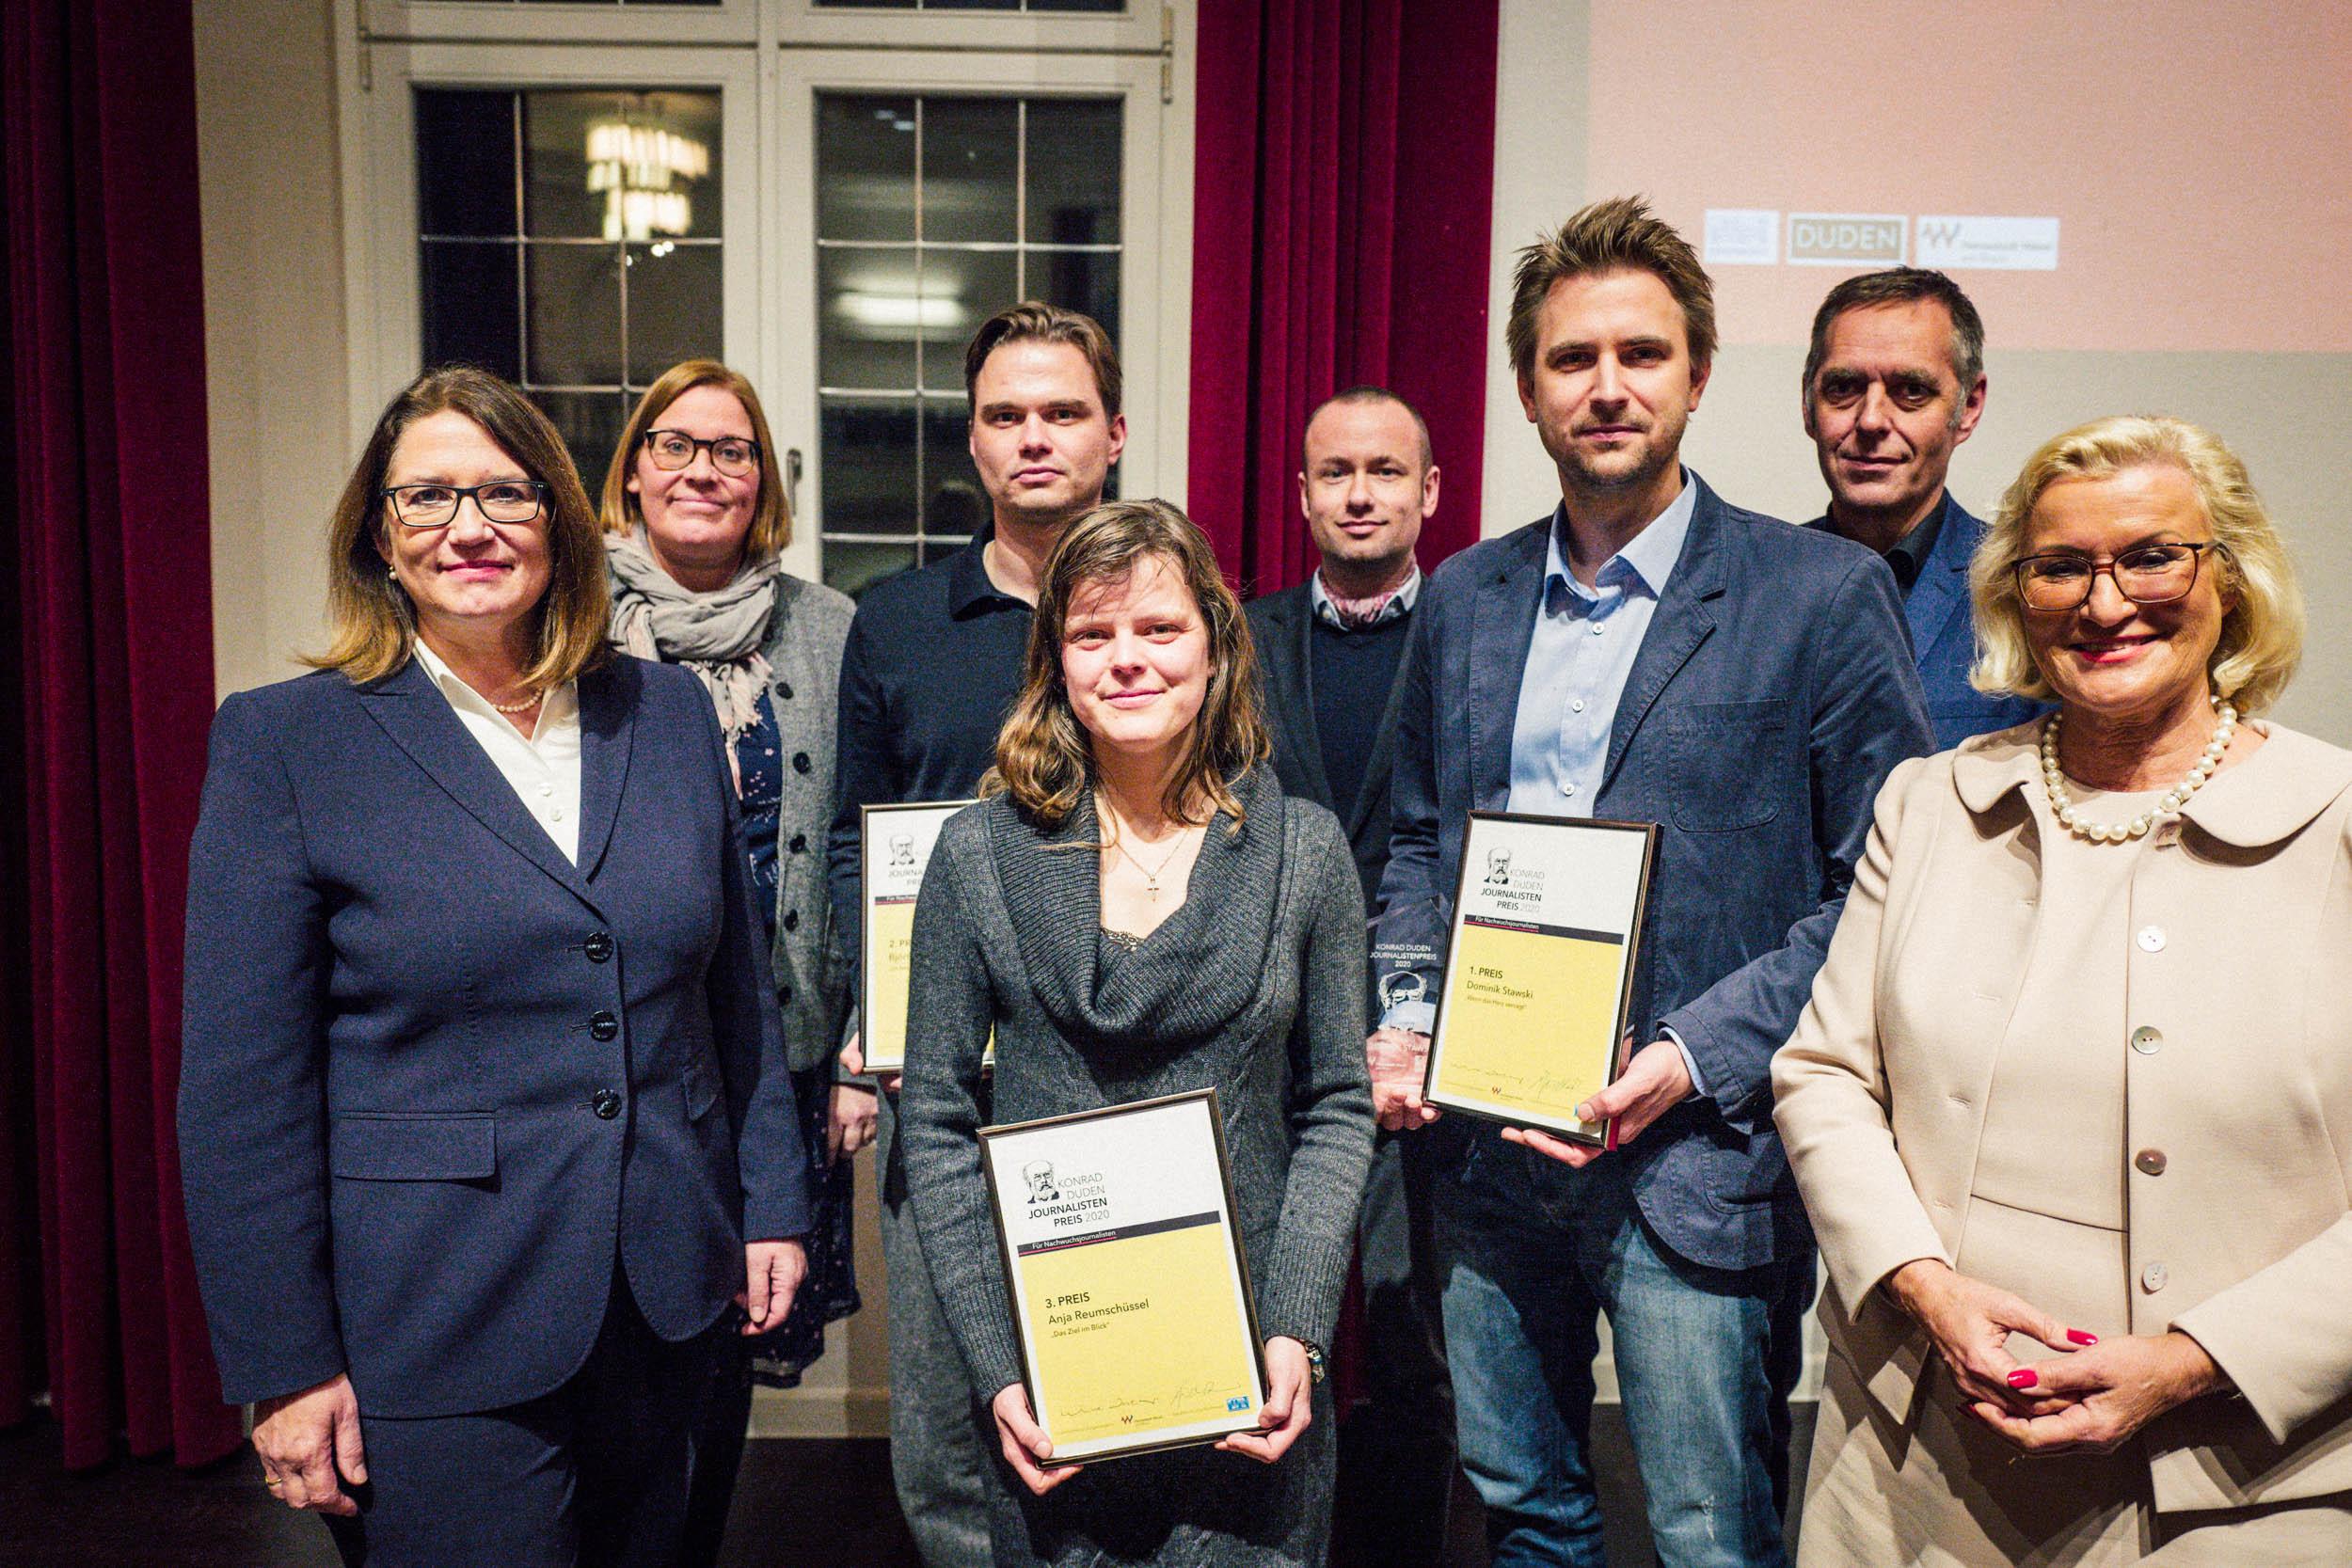 Sieger des Konrad-Duden-Journalistenpreises mit Egon-Erwin-Kisch-Preis ausgezeichnet